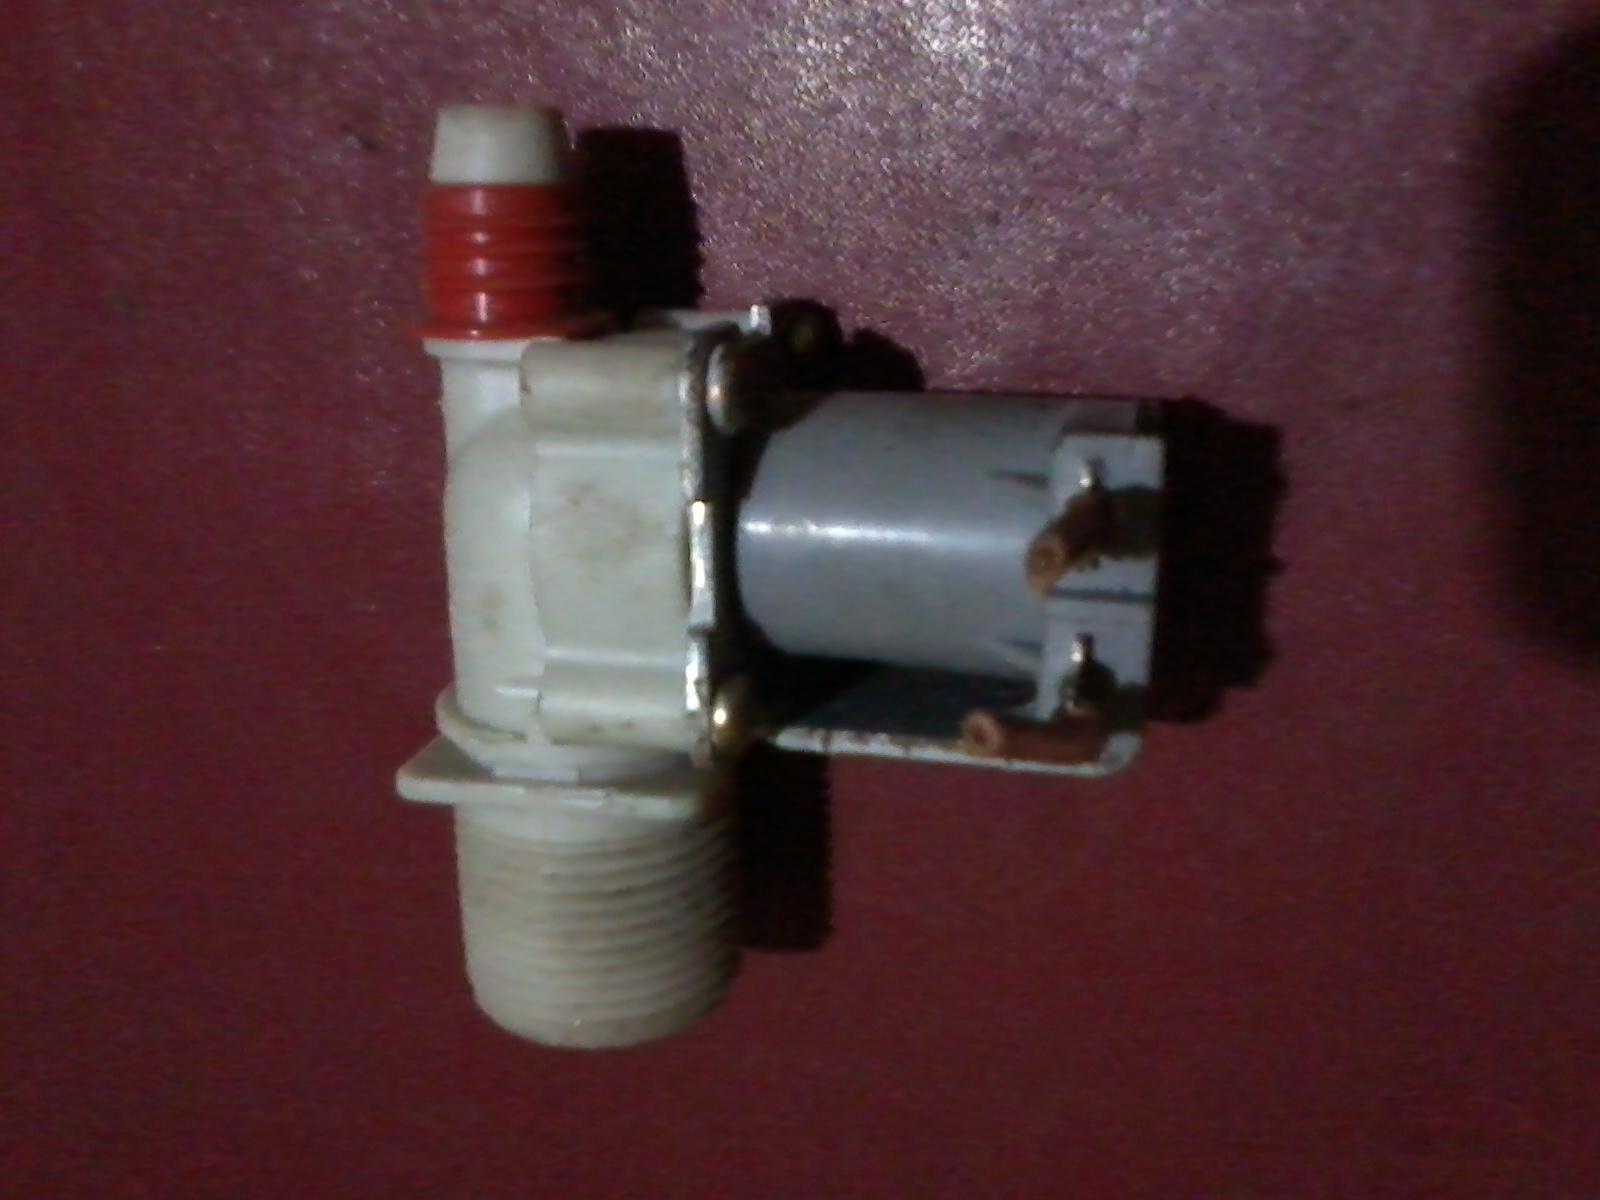 diparalel dengan kabel water valve untuk menghidupkan relay pompa air